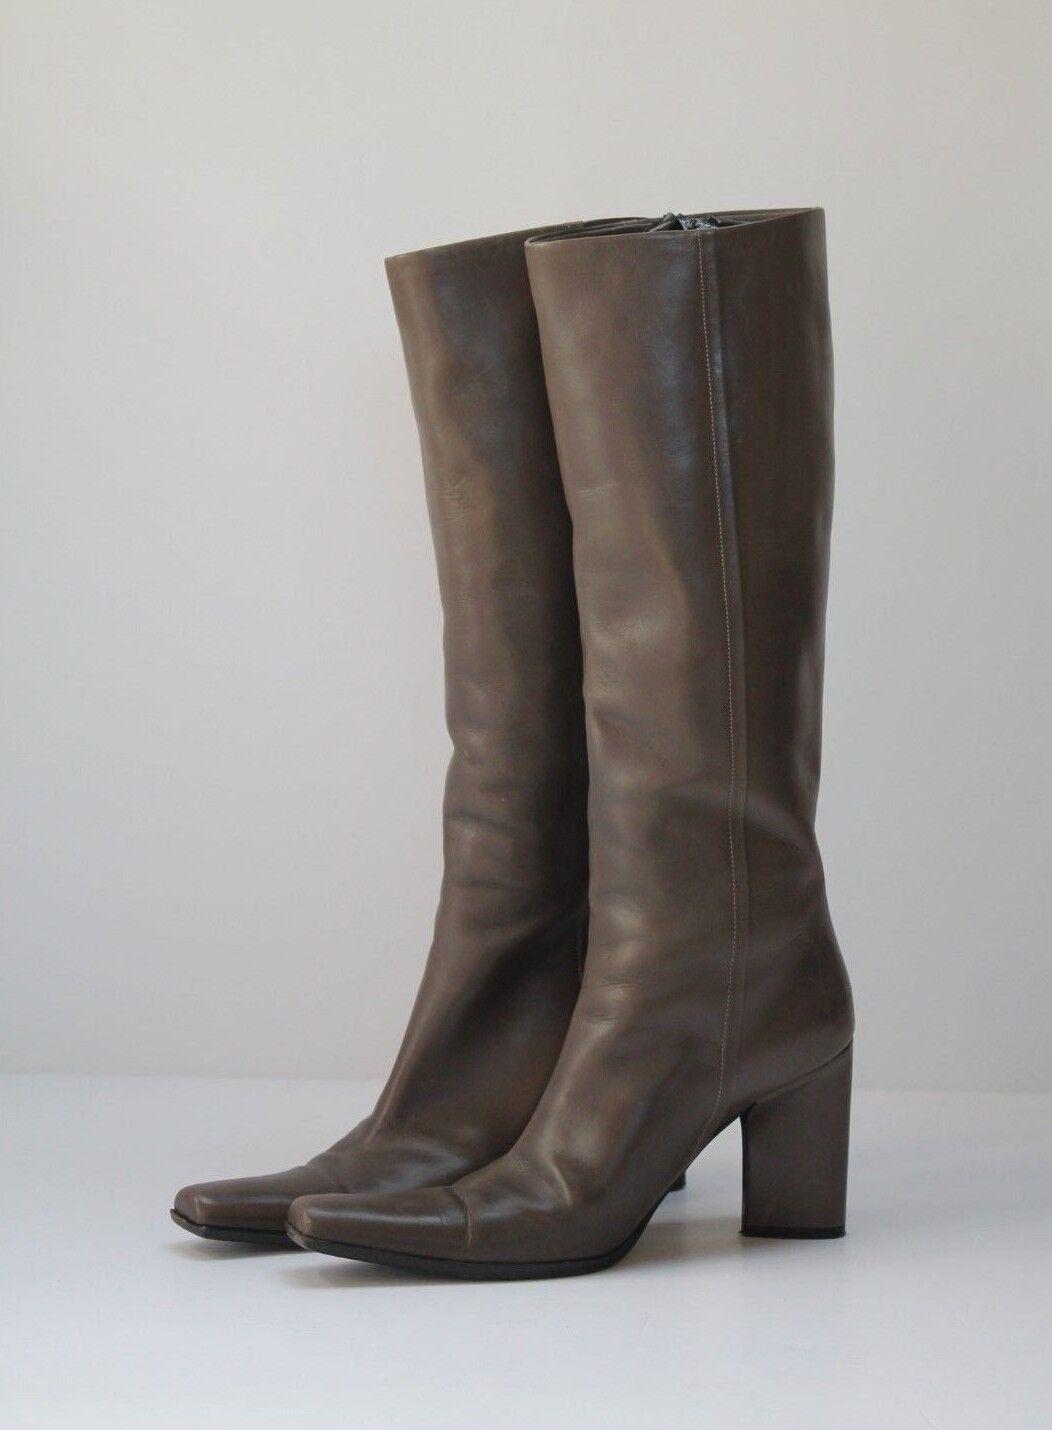 Prada Stiefel, Größe 5.5 UK 38.5 EU    | Ausgezeichnet